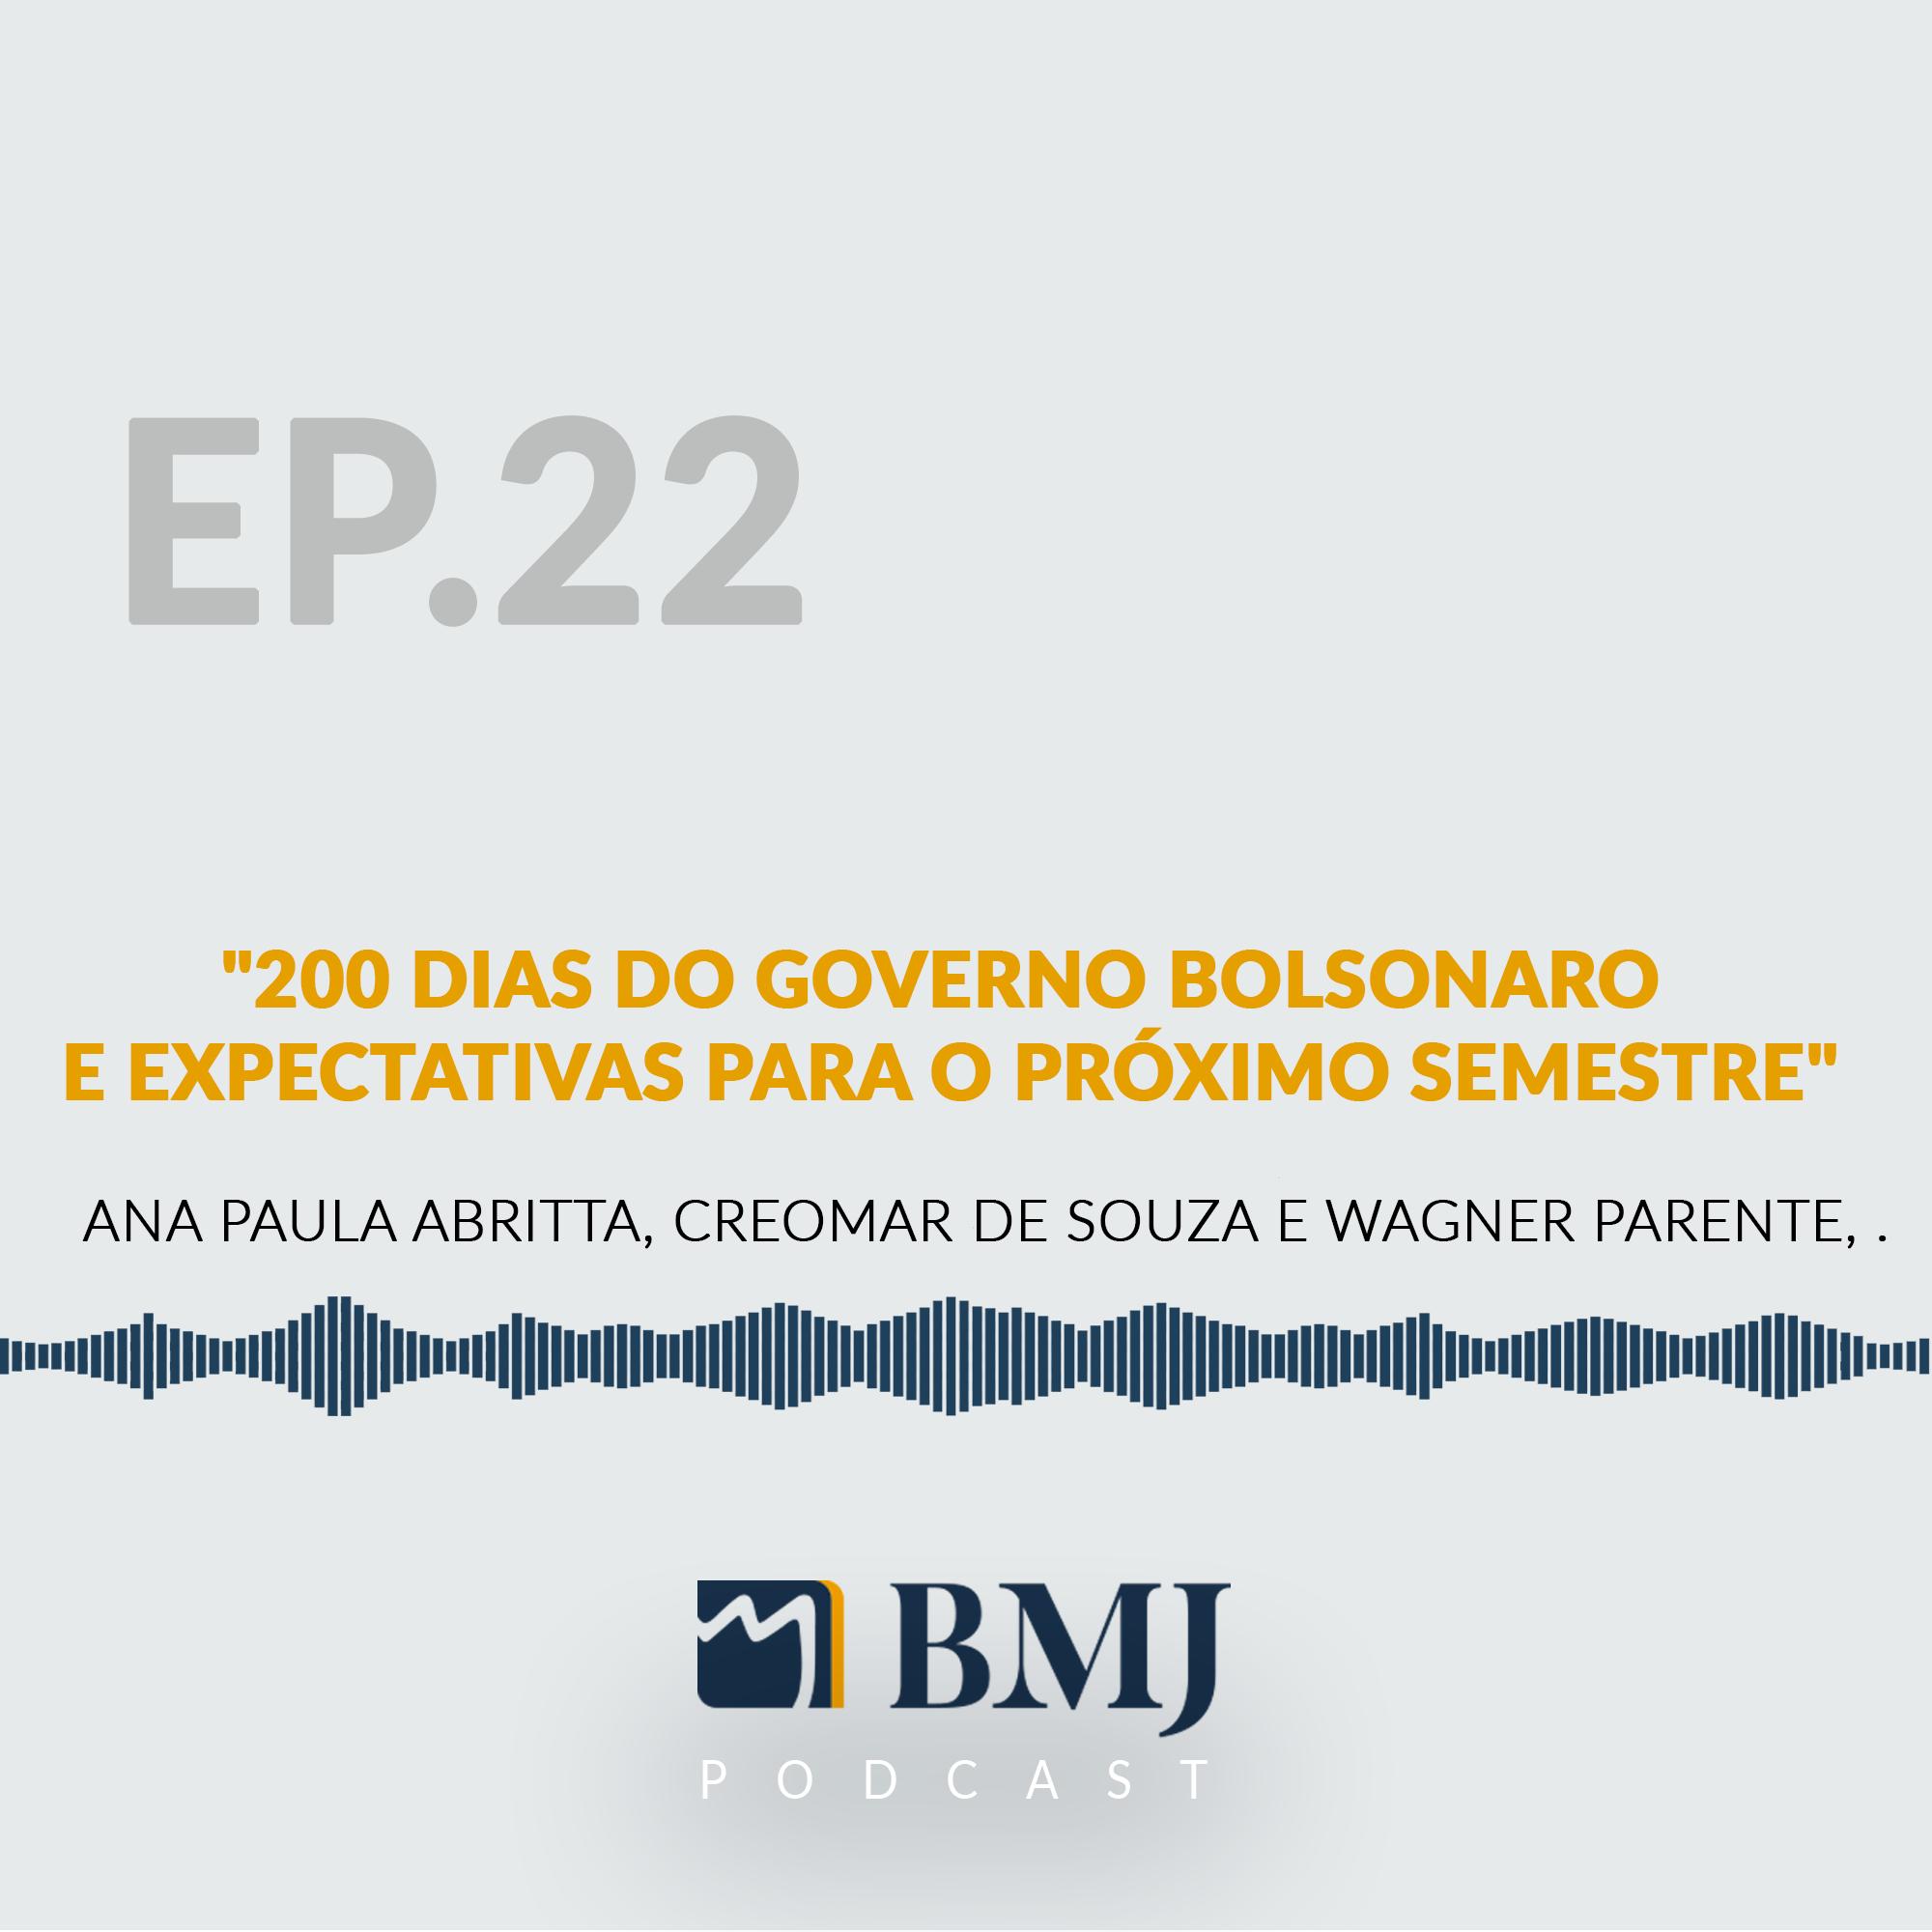 200 Dias do Governo Bolsonaro e expectativas para o próximo semestre